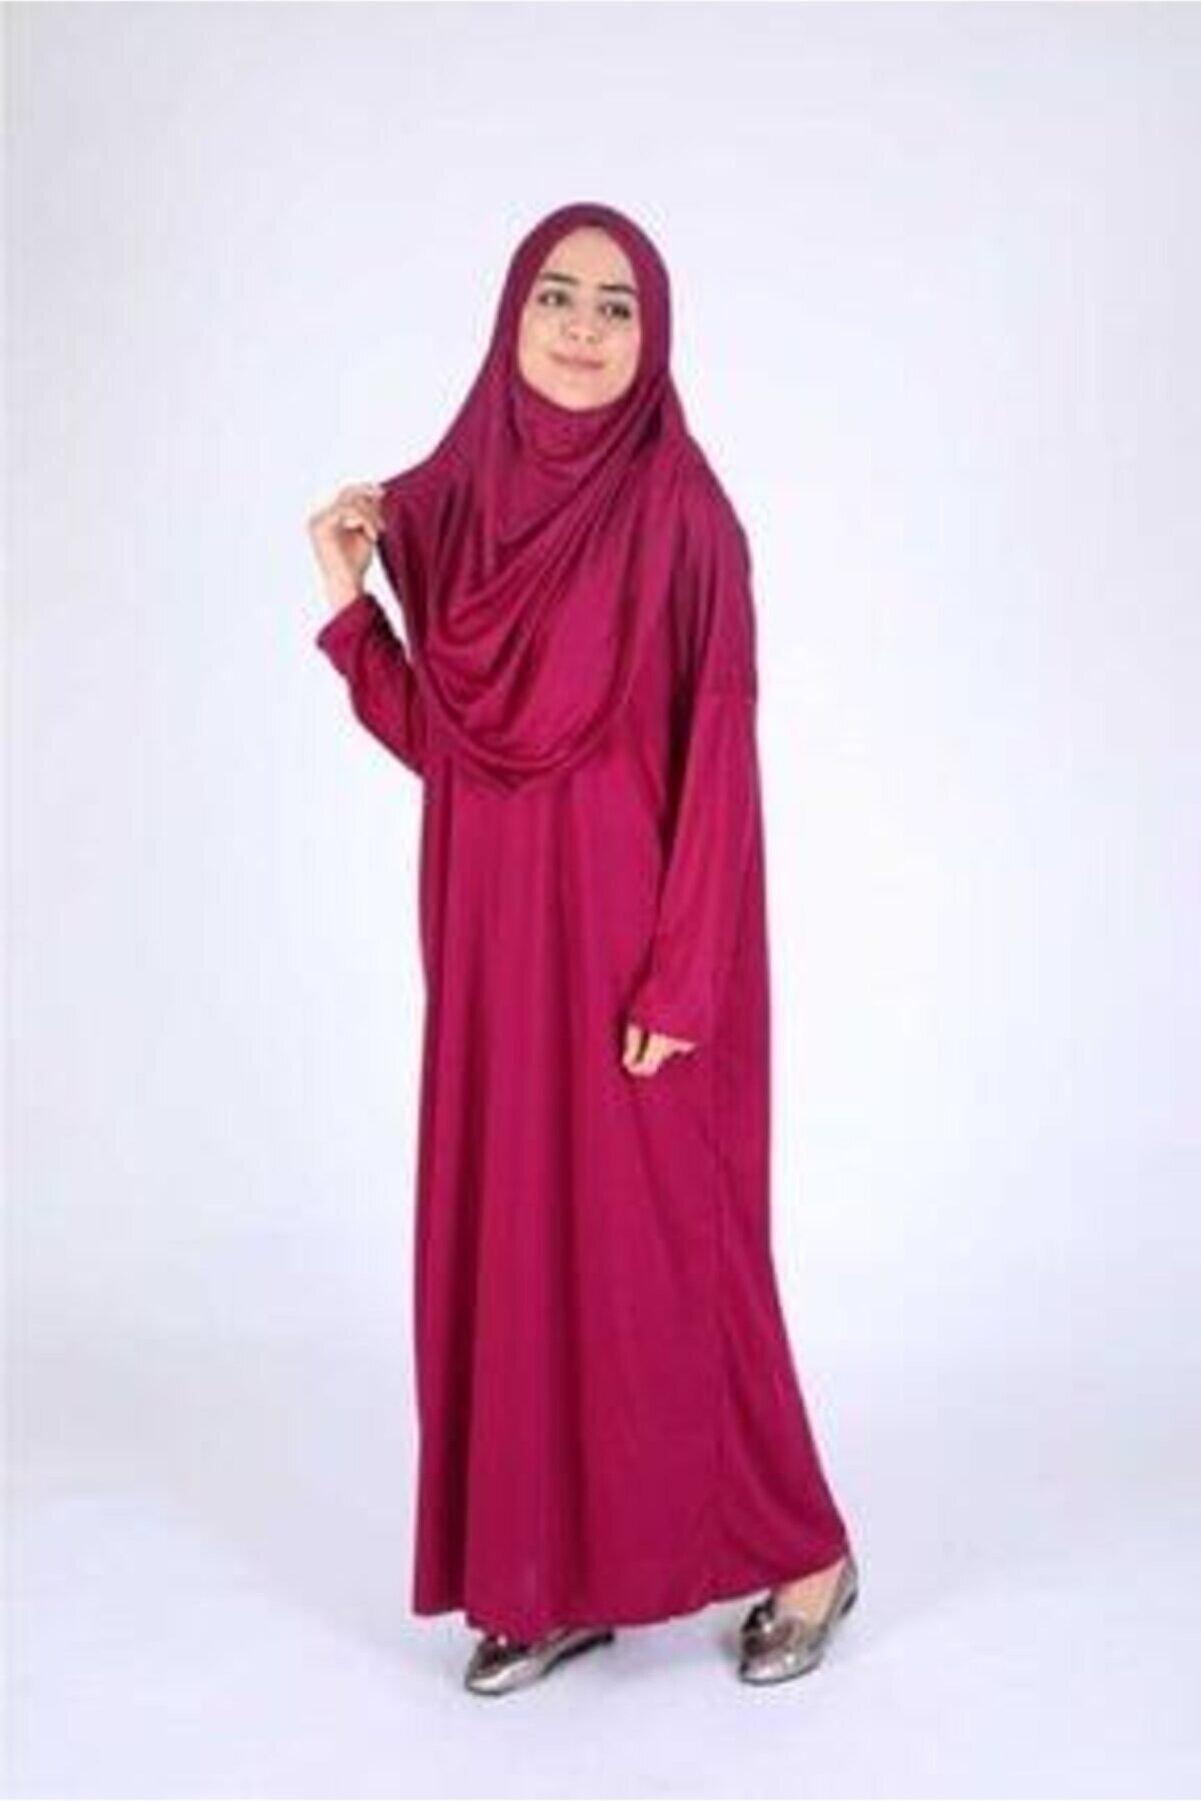 Gökyüzü Kadın Tesettür Çantalı Namaz Elbisesi